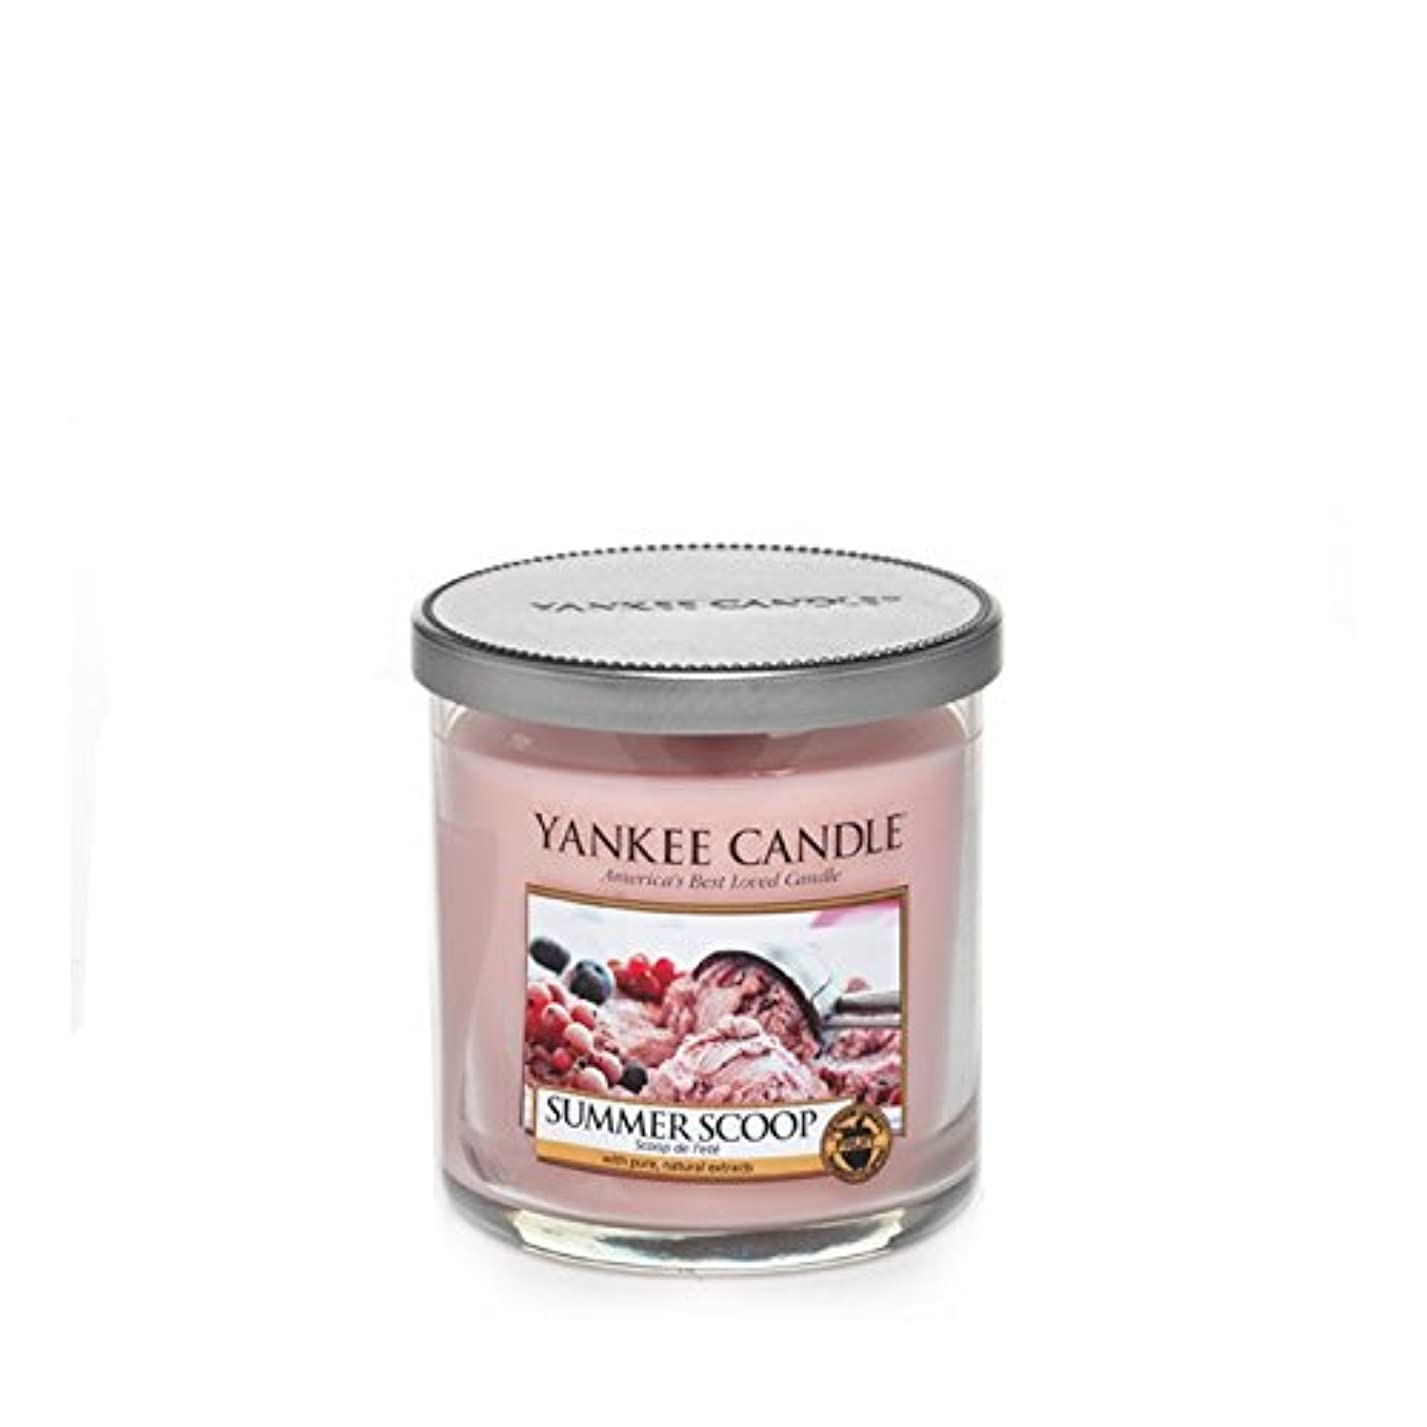 ヤンキーキャンドルの小さな柱キャンドル - 夏のスクープ - Yankee Candles Small Pillar Candle - Summer Scoop (Yankee Candles) [並行輸入品]